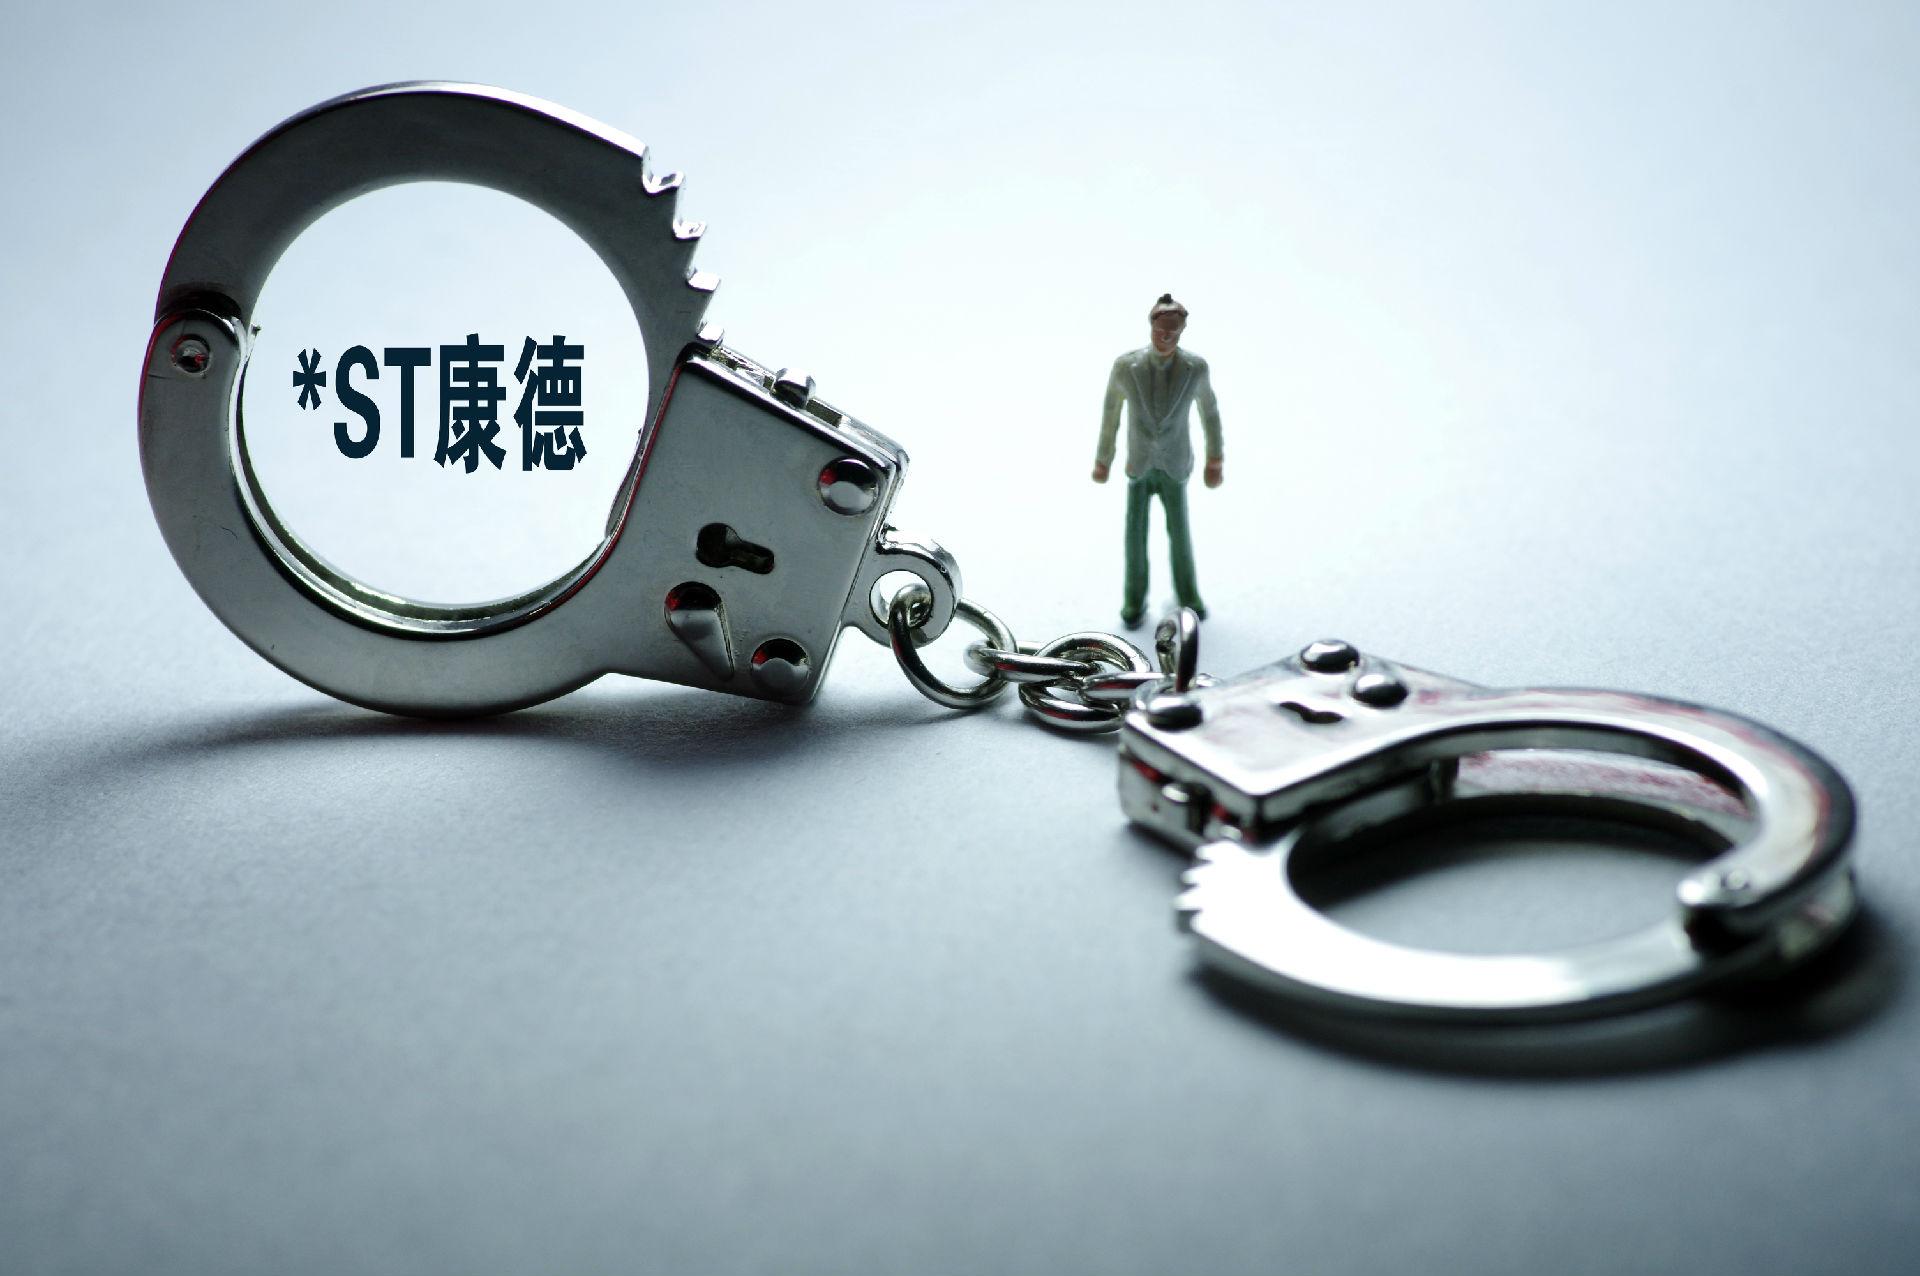 康得新案调查:股票红利背后,员工消失的本金